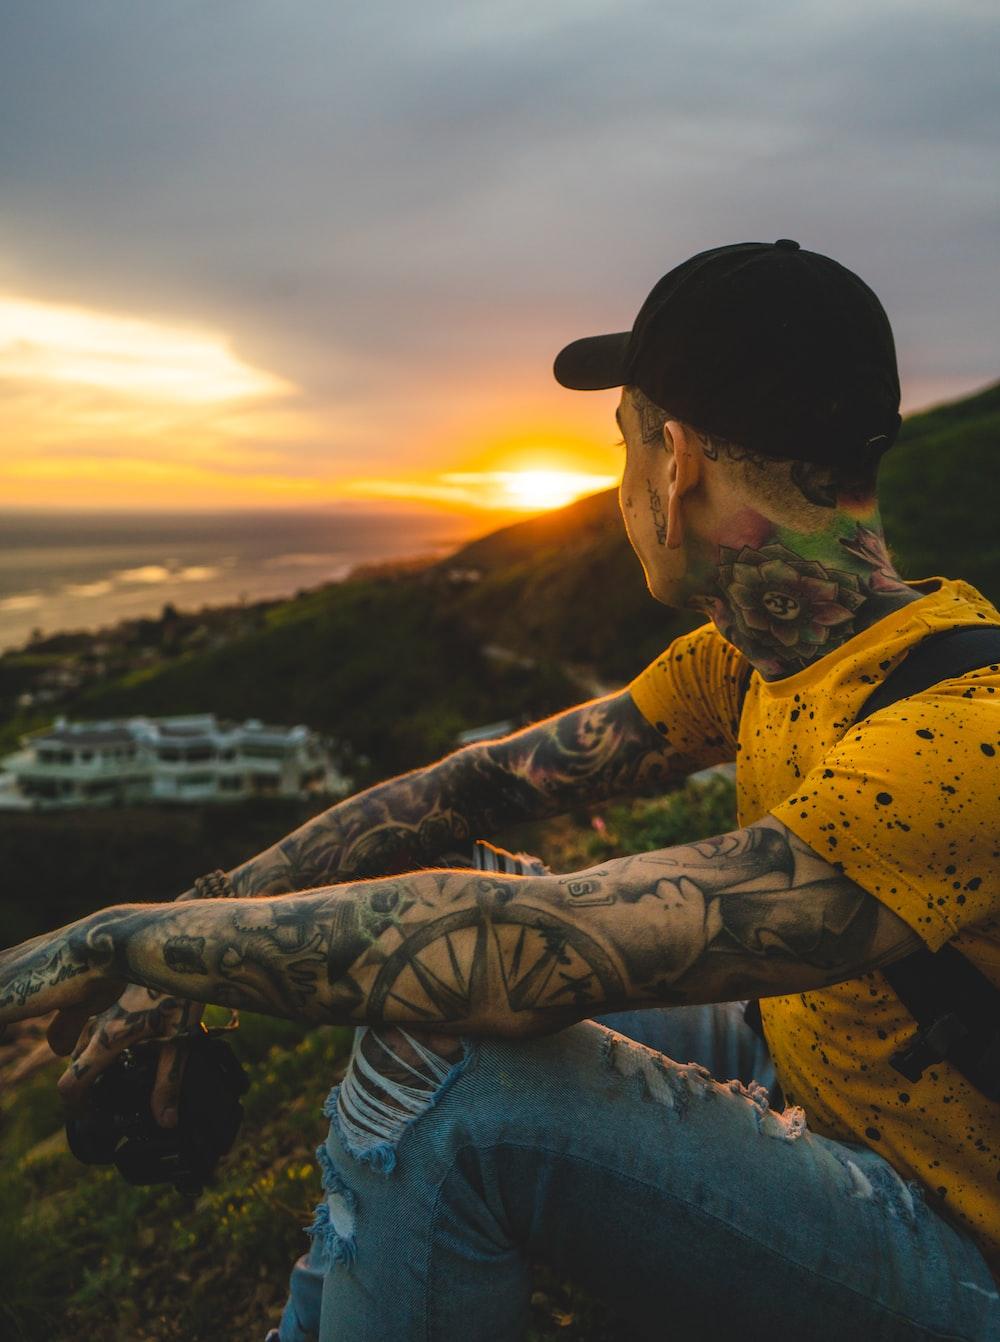 man sitting on hill near cruise ship